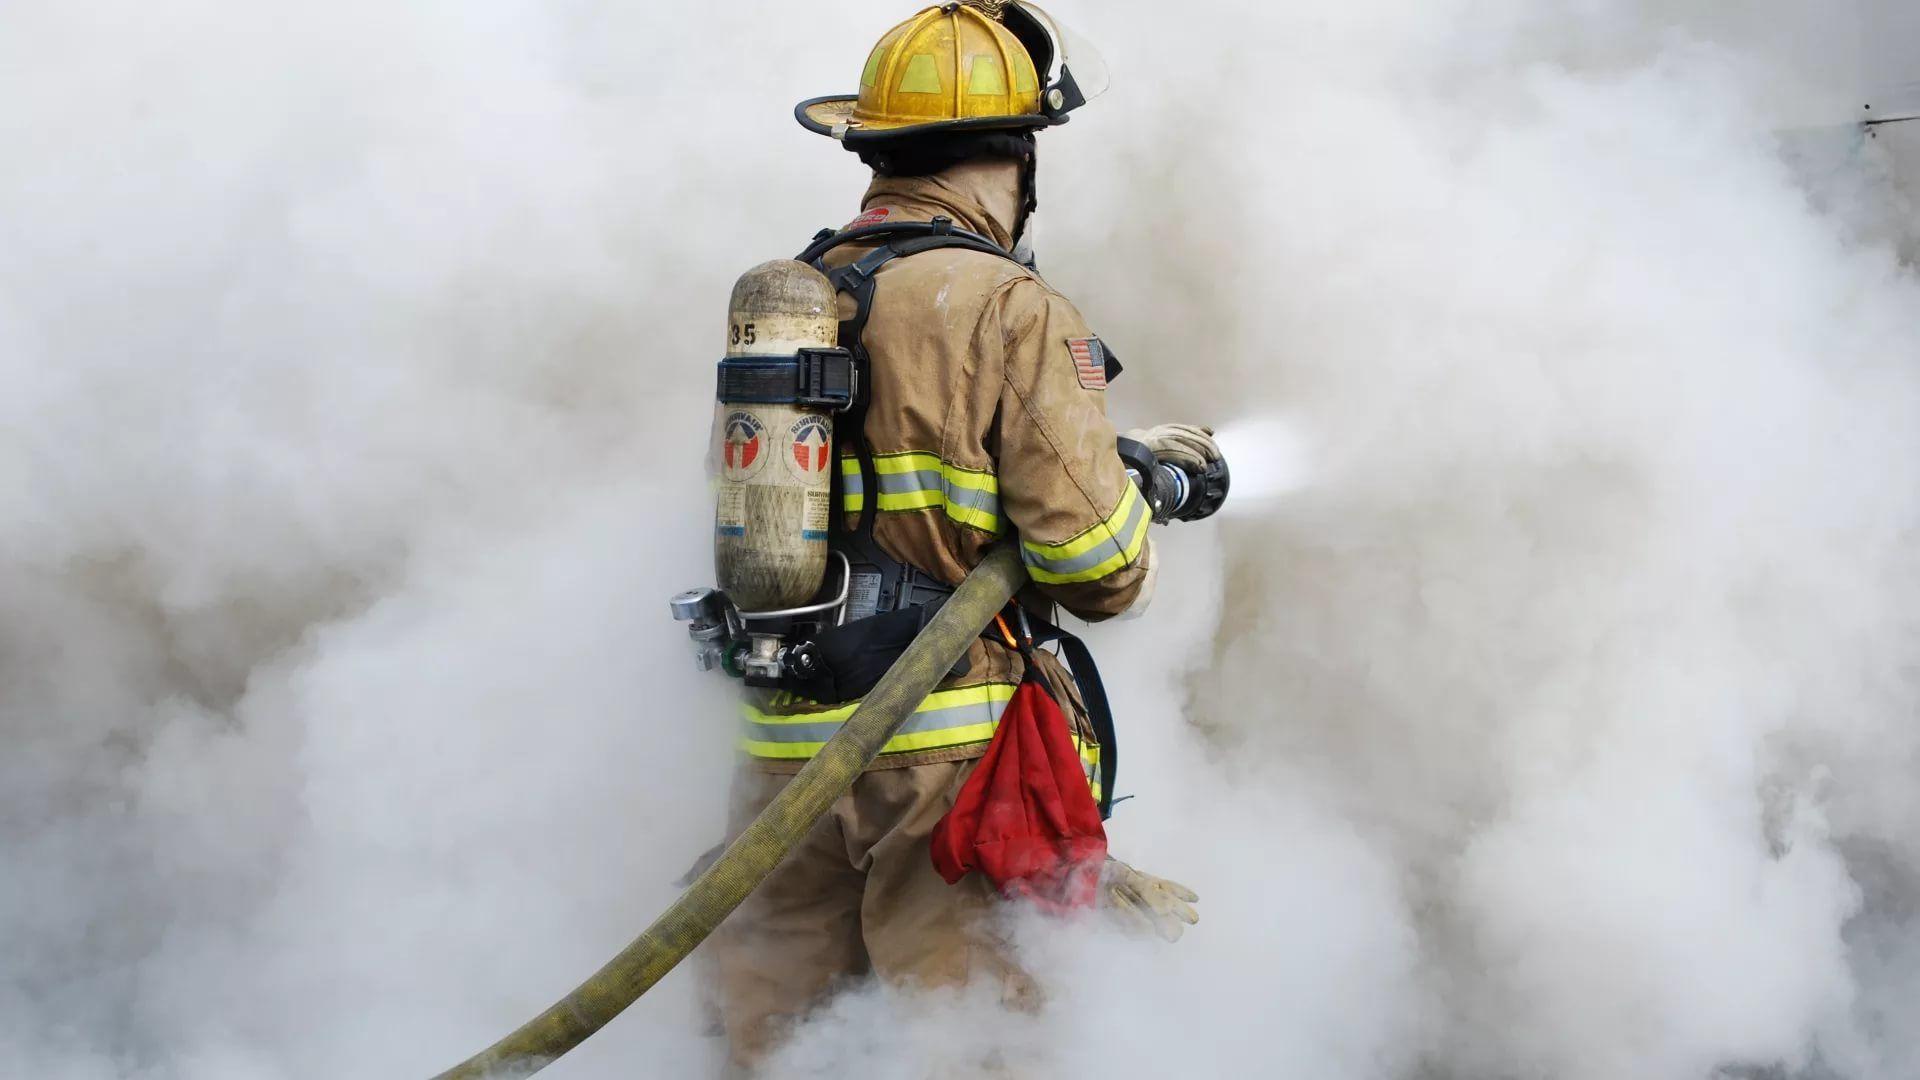 Firefighter Good Wallpaper